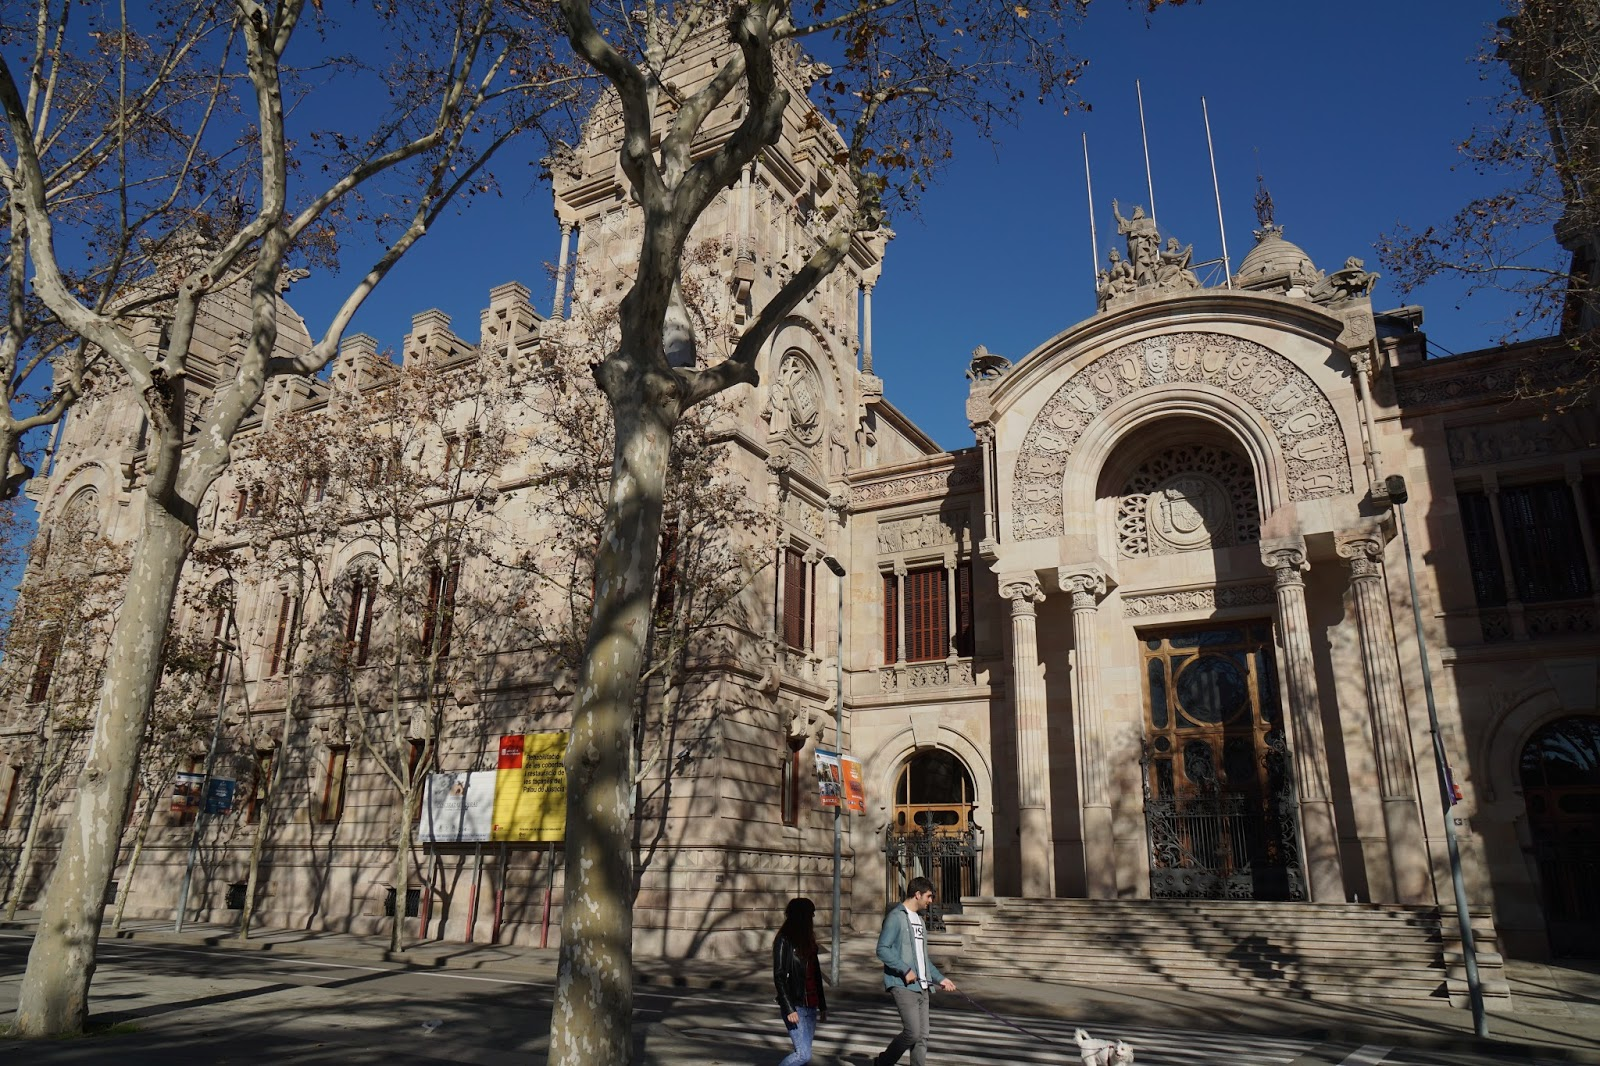 バルセロナ高等裁判所(Palau de Justicia de Barcelona)